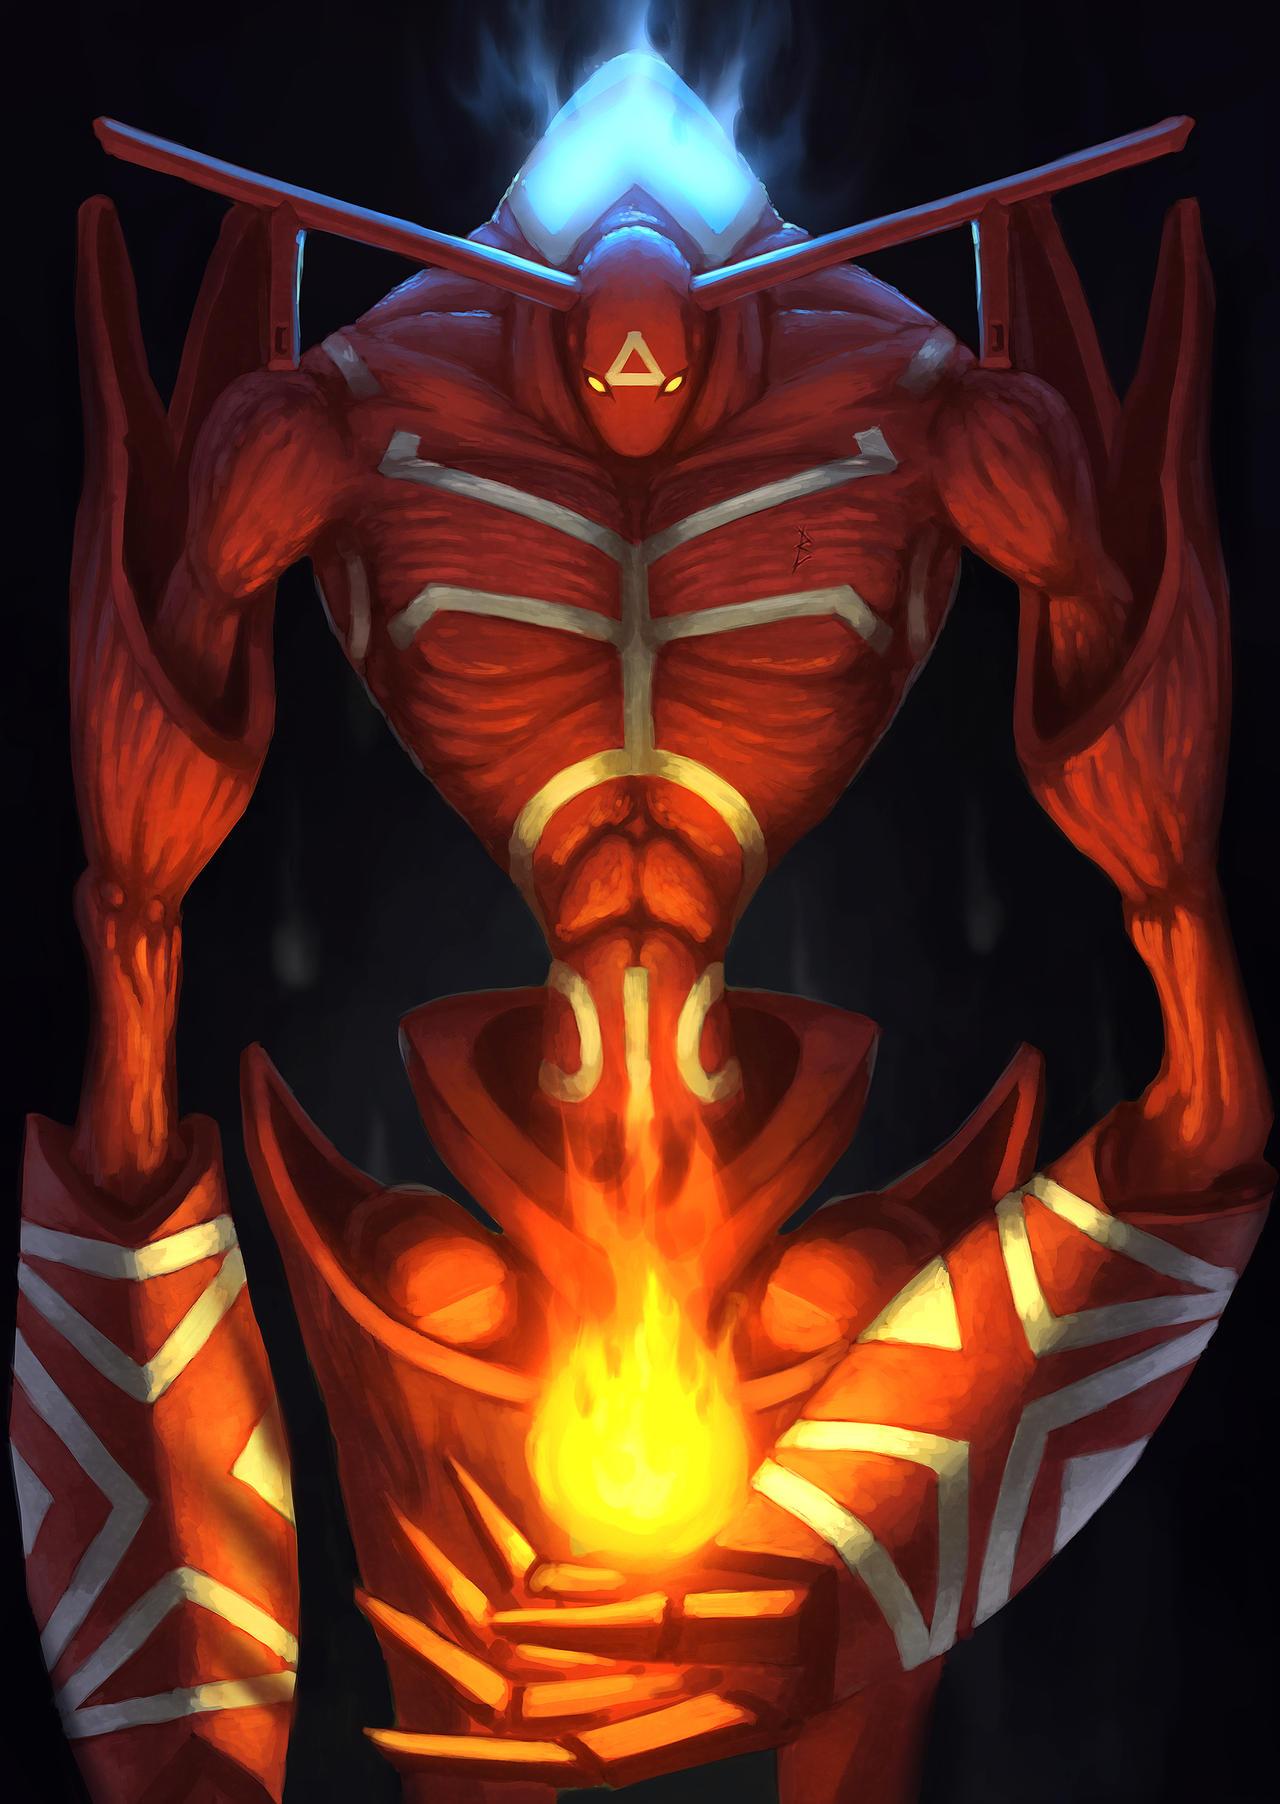 shaman kimg